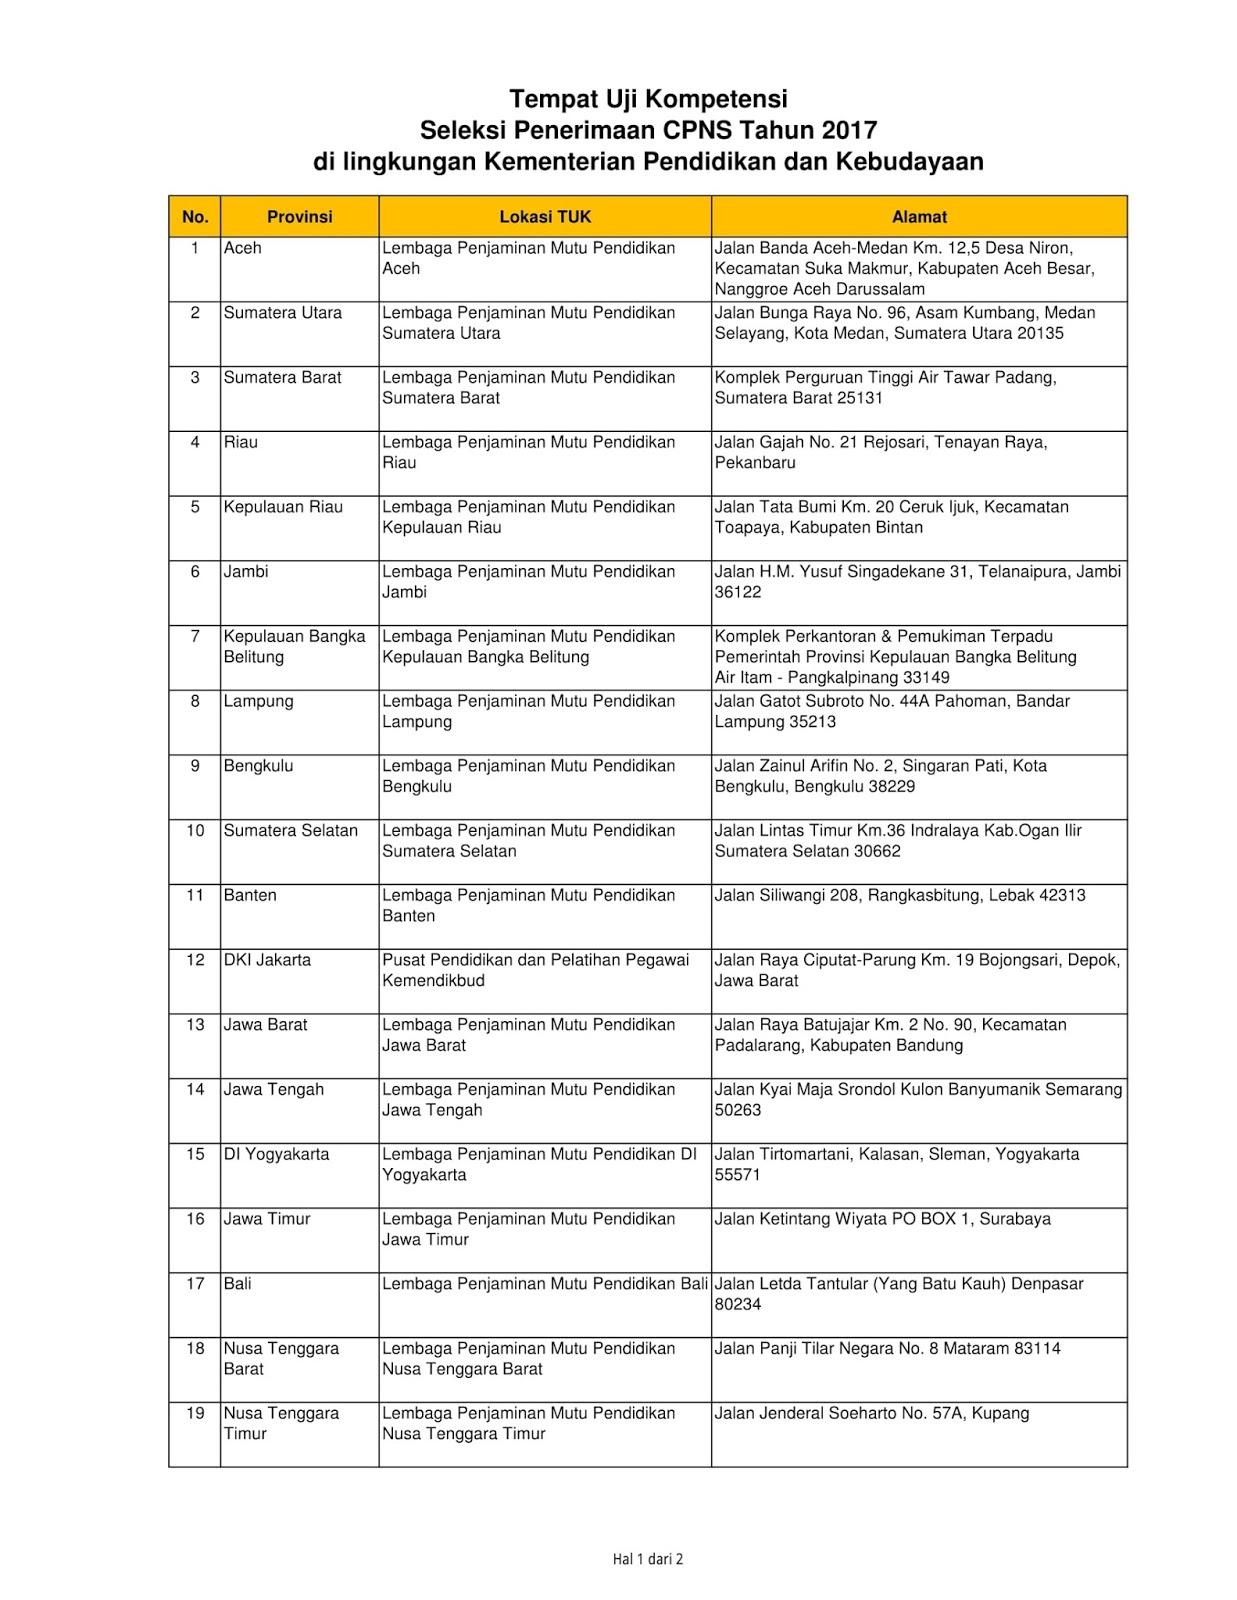 Solusi Daftar CPNS Kementerian Pendidikan dan Kebudayaan dengan Benar Ikuti Tahapan Terbaru Cara Daftar CPNS Kemendikbud Paling Benar